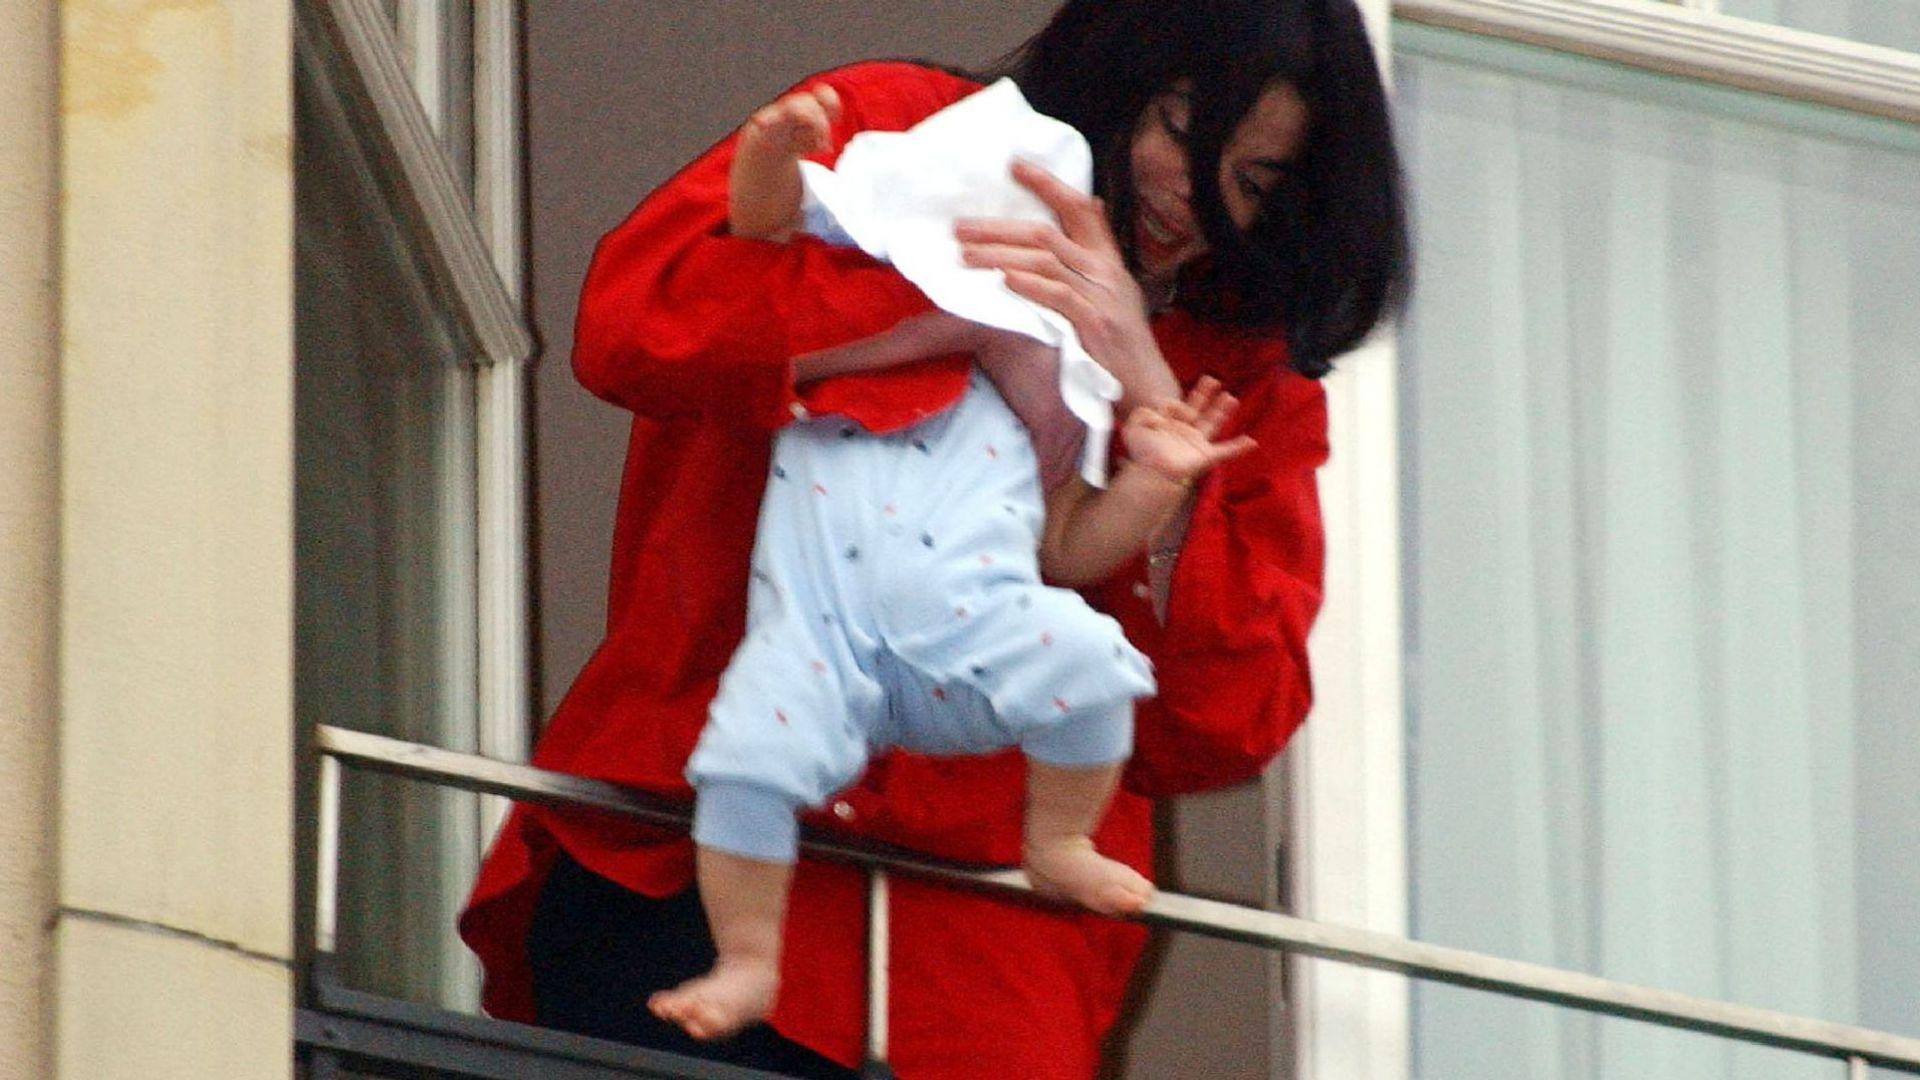 Майкъл предизвика скандал, показвайки сина си Принс Джексън II - Бланкет, през парапета на балкон